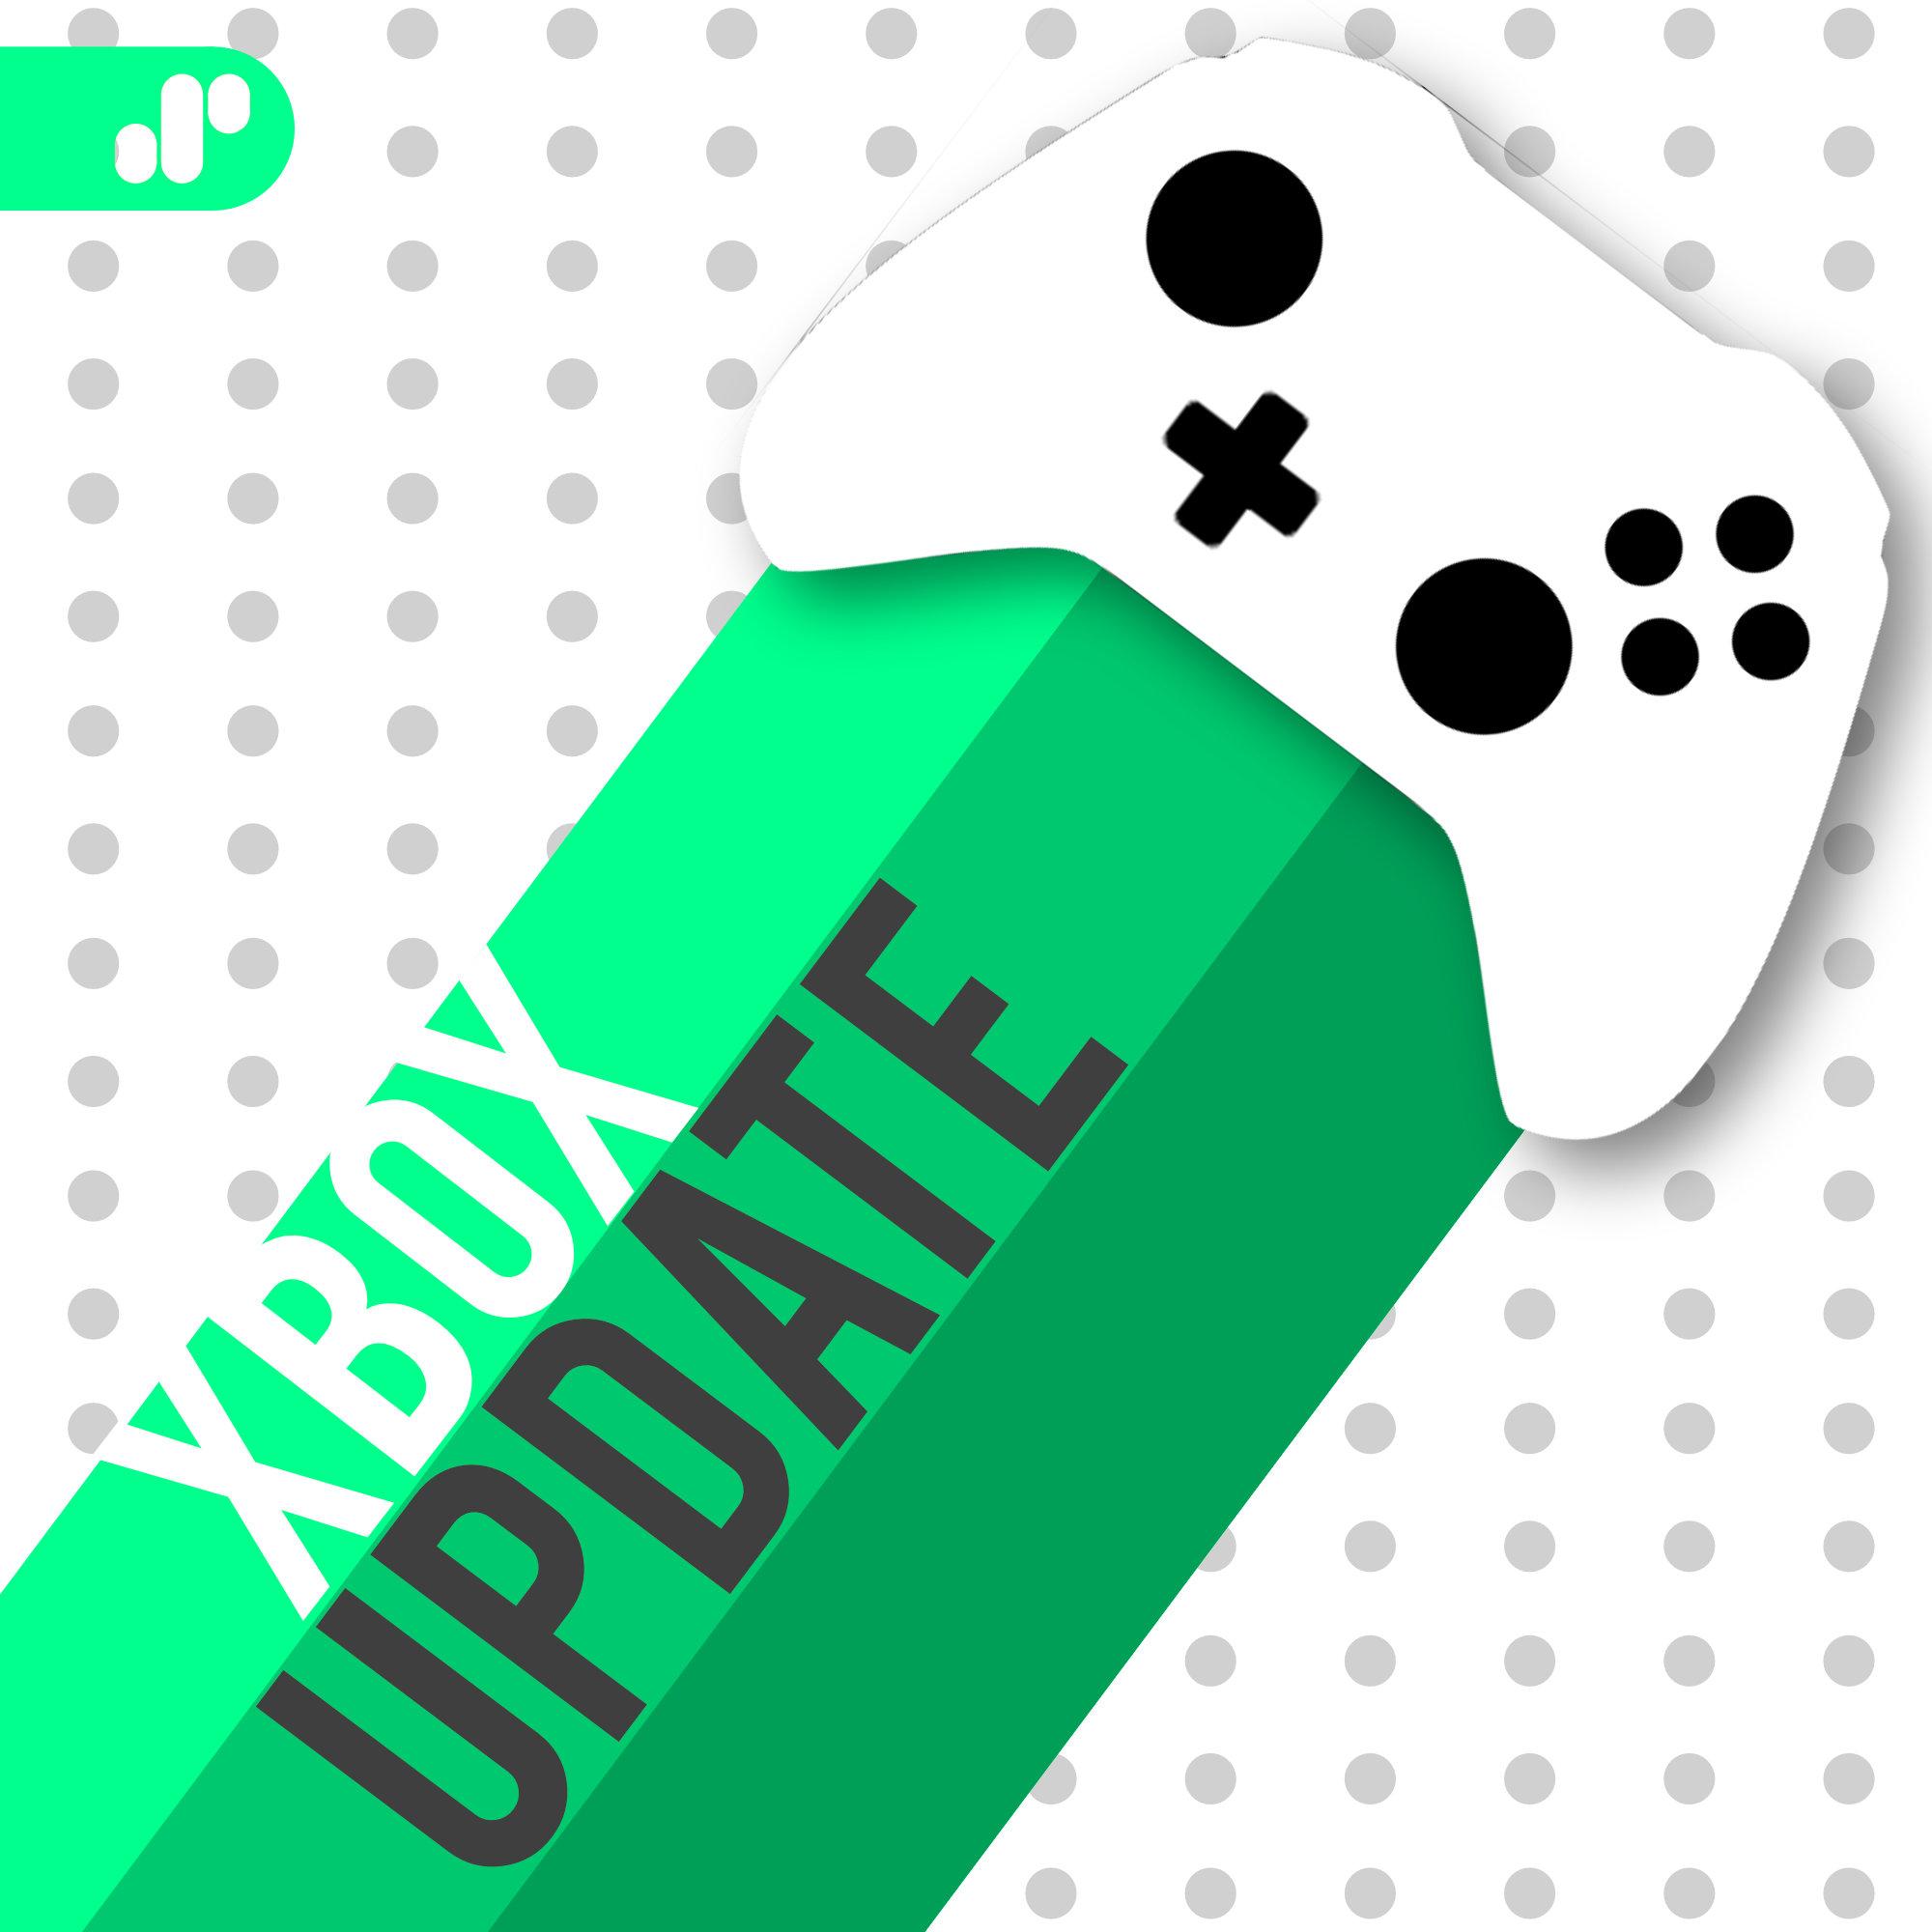 Xbox Update Thumb final.jpg